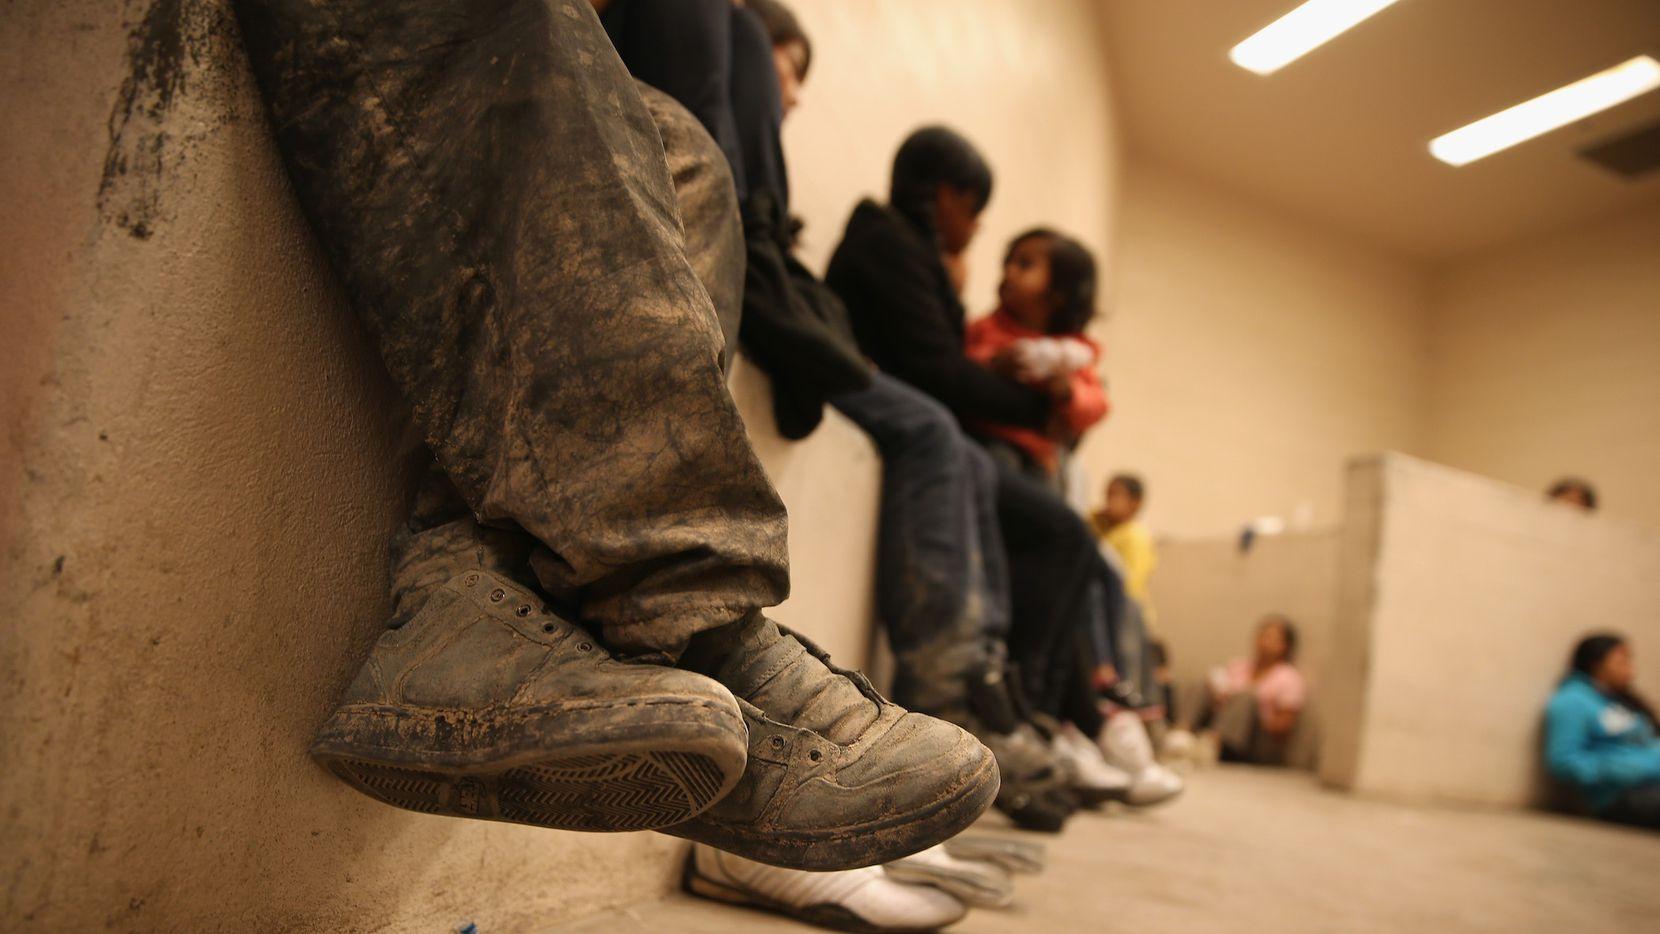 Mujeres y niños en una celda de detención para inmigrantes en McAllen, Texas.